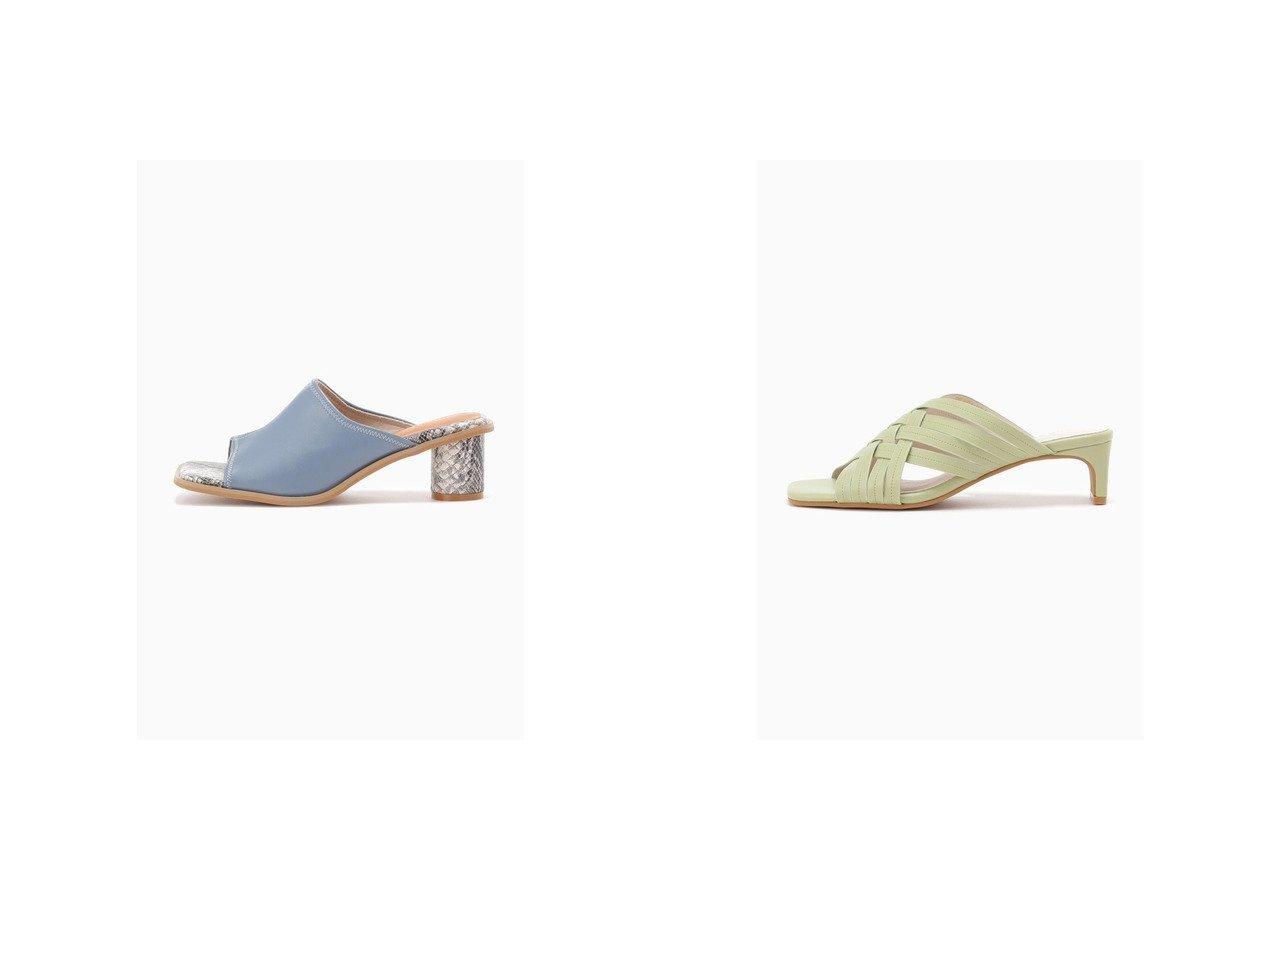 【ROSE BUD/ローズバッド】のオープントゥミュールサンダル&編みミュールサンダル 【シューズ・靴】おすすめ!人気、トレンド・レディースファッションの通販 おすすめで人気の流行・トレンド、ファッションの通販商品 インテリア・家具・メンズファッション・キッズファッション・レディースファッション・服の通販 founy(ファニー) https://founy.com/ ファッション Fashion レディースファッション WOMEN 2021年 2021 2021春夏・S/S SS/Spring/Summer/2021 S/S・春夏 SS・Spring/Summer オープントゥ クッション シンプル スクエア トレンド ドレス パイソン 夏 Summer 春 Spring  ID:crp329100000048145